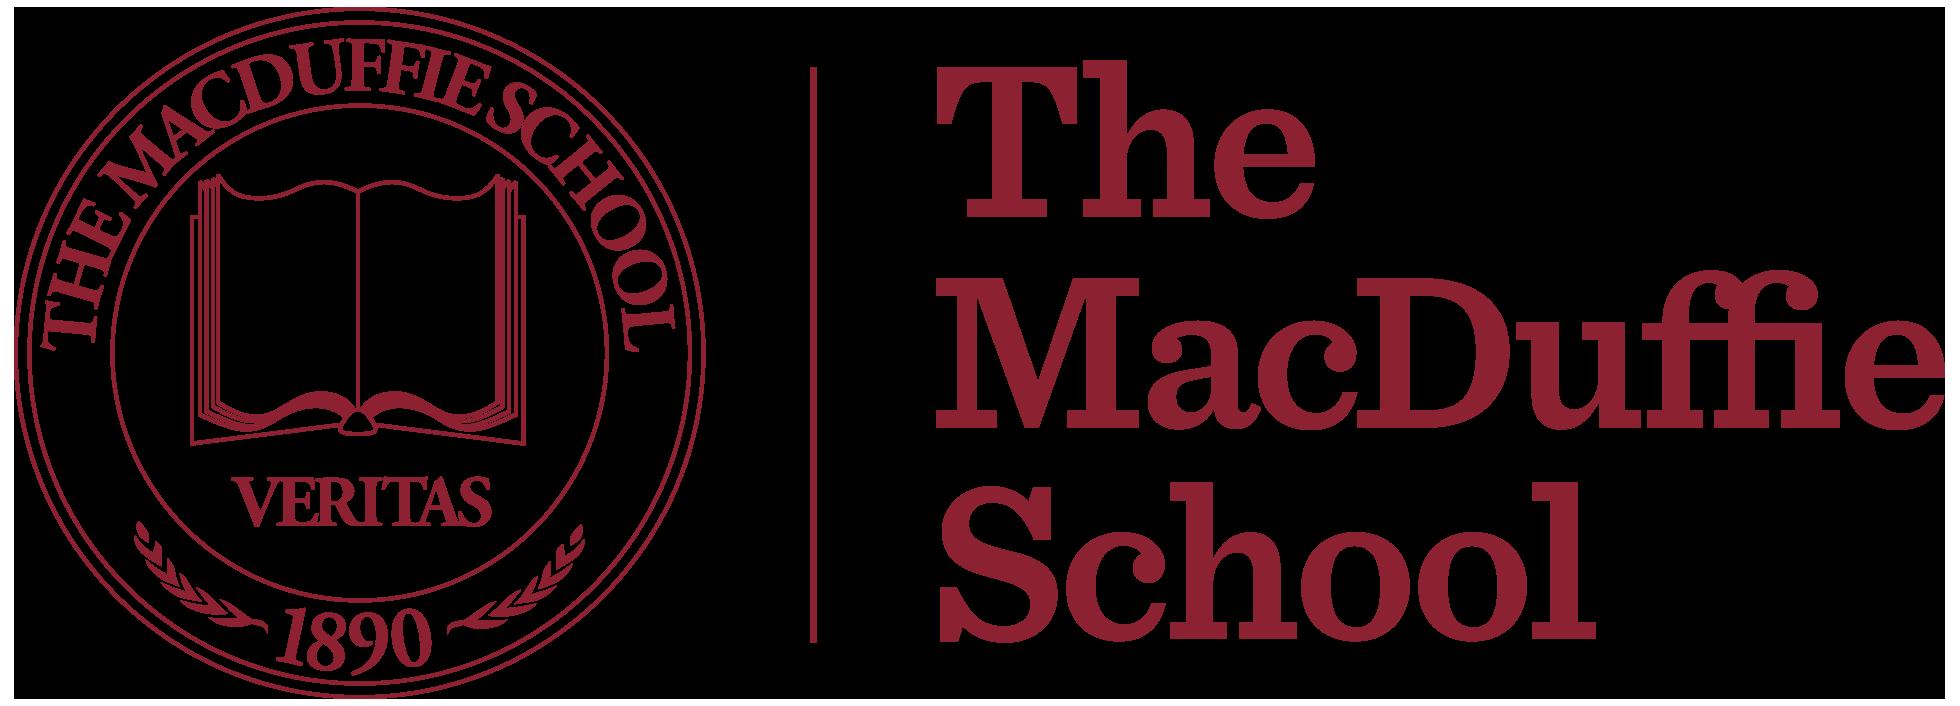 MacDuffie School.png